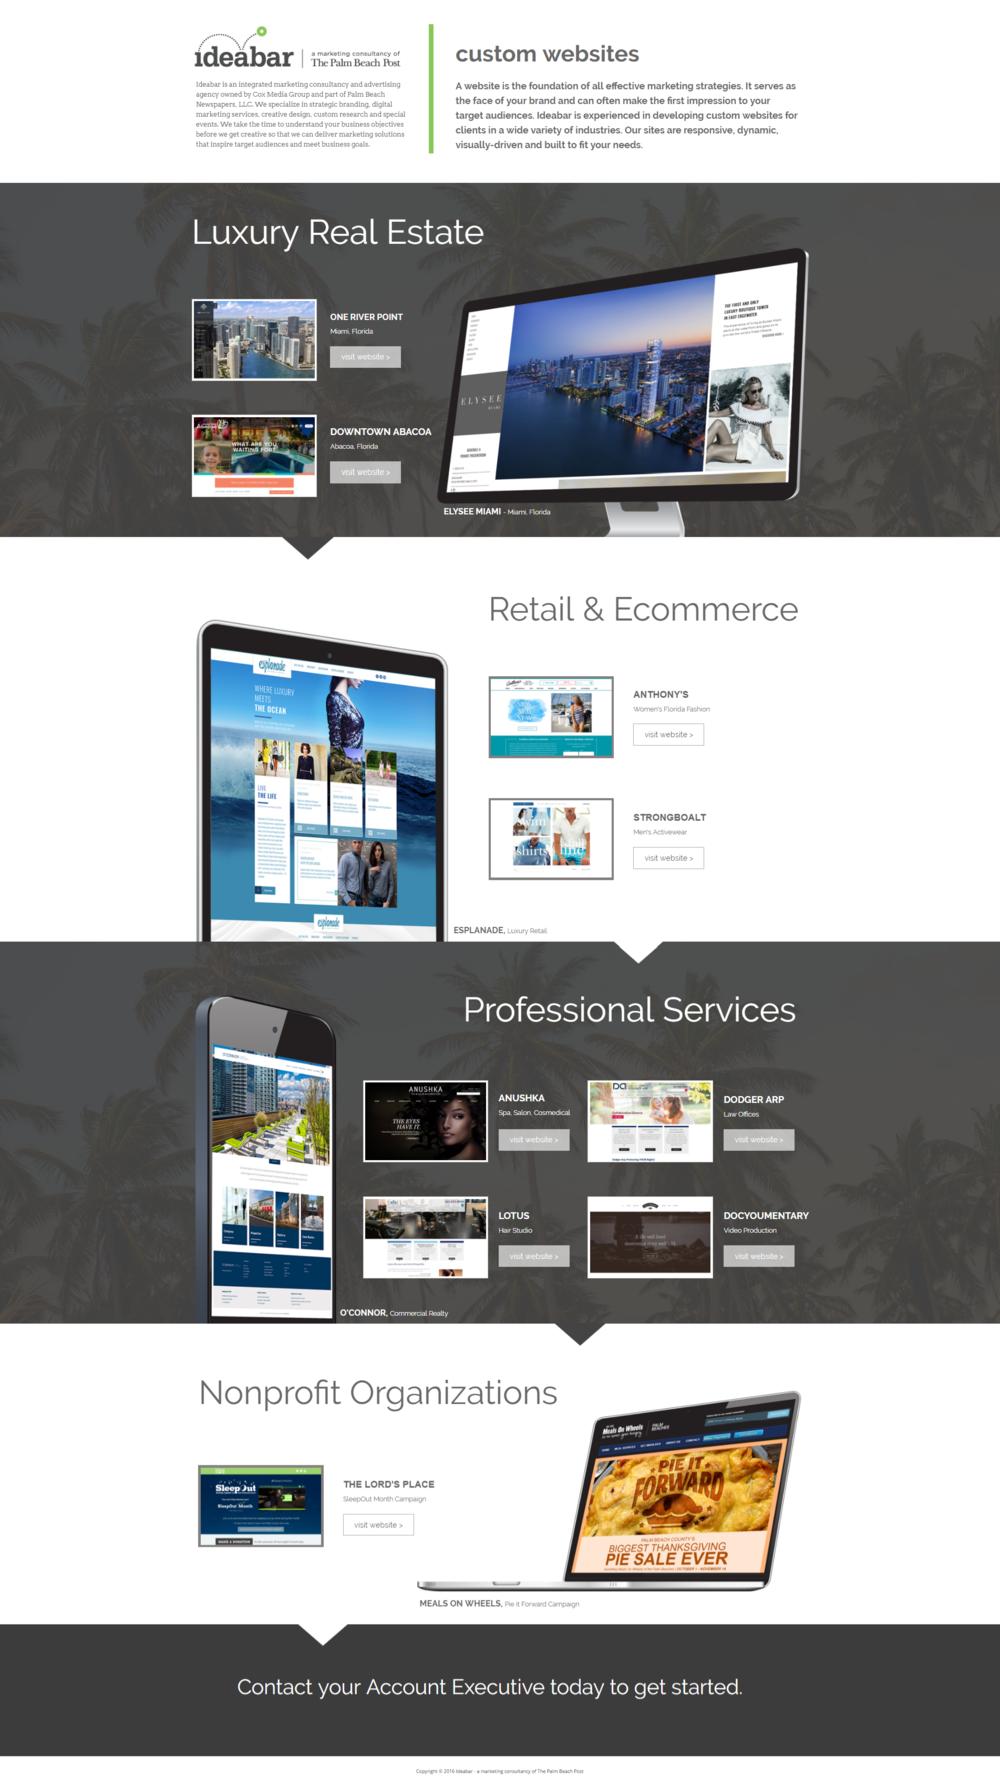 Ideabar   websites.png